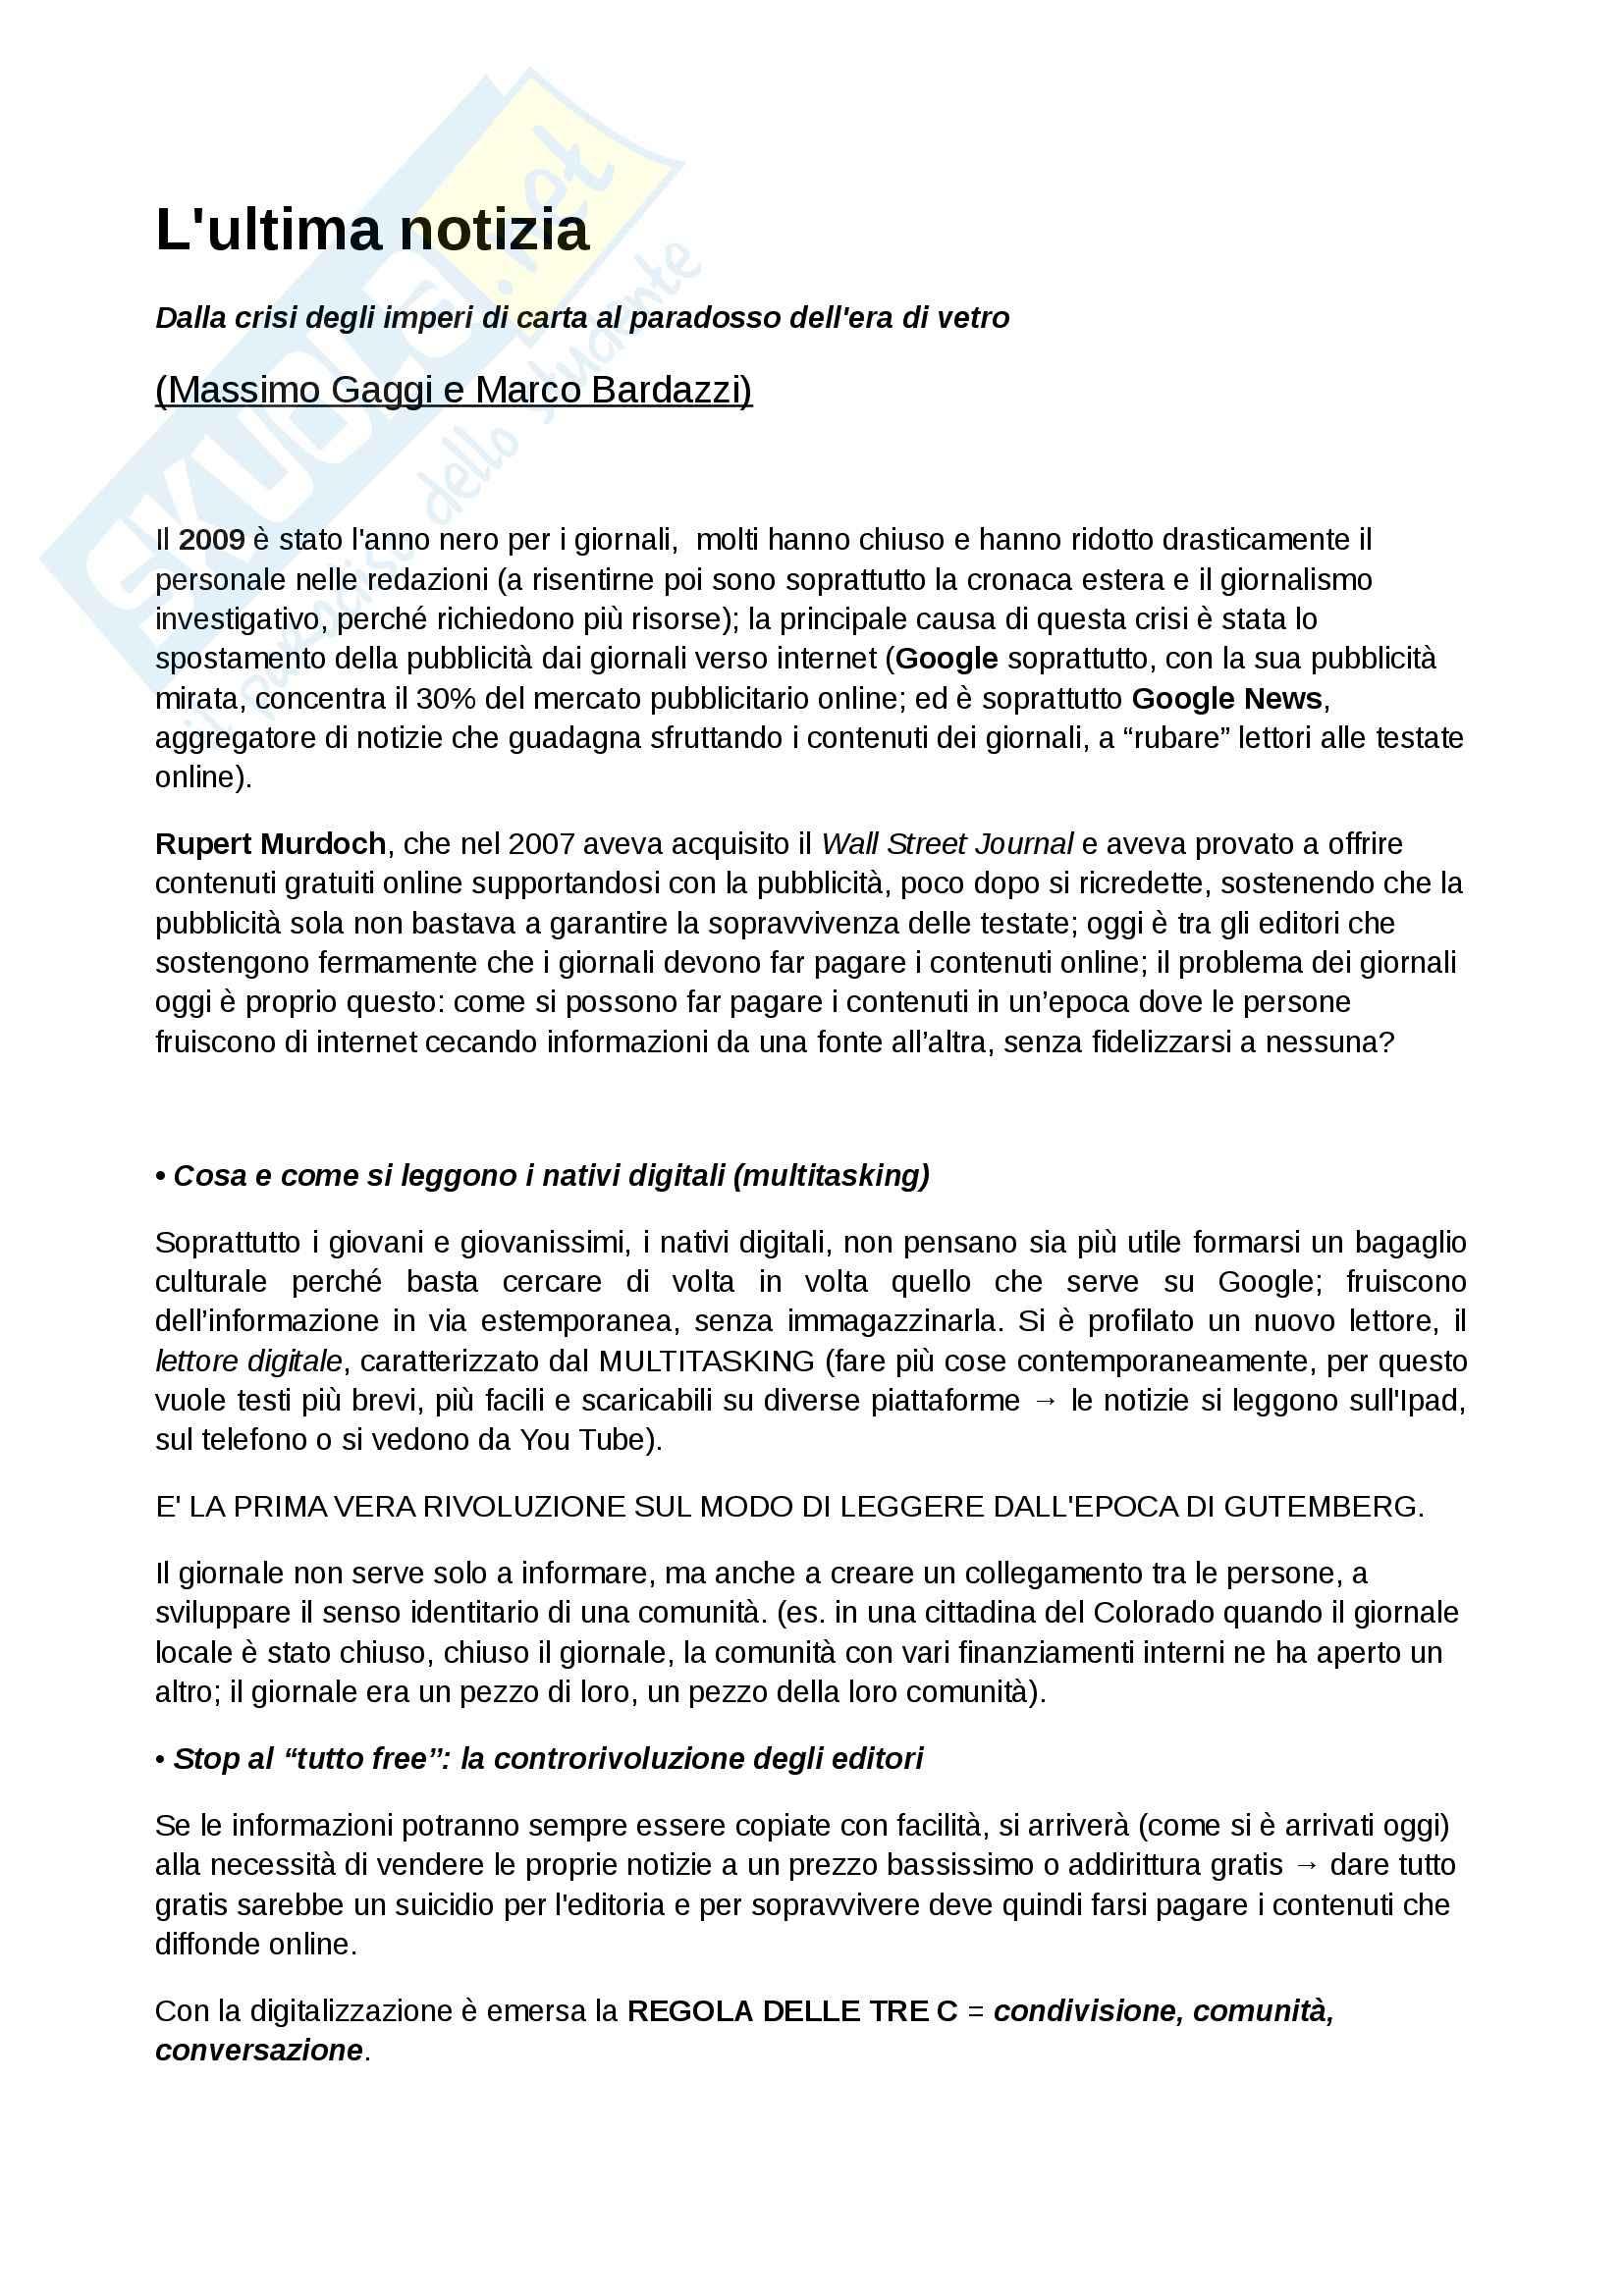 Riassunto esame Cultura Giornalistica, prof. Jucker libro consigliato L'ultima Notizia, Gaggi, Bardazzi